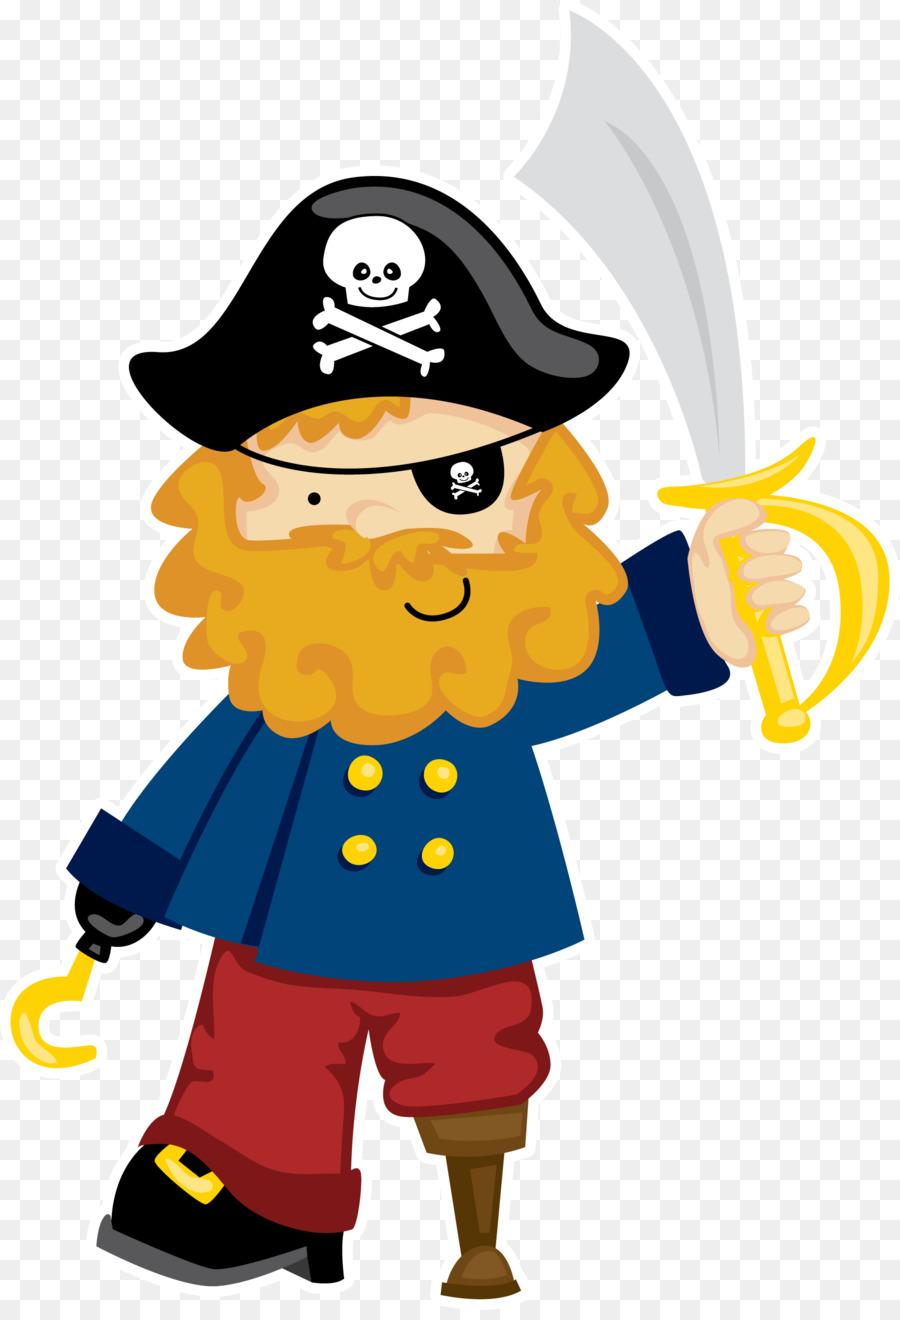 людей пиратский рисунок картинка при